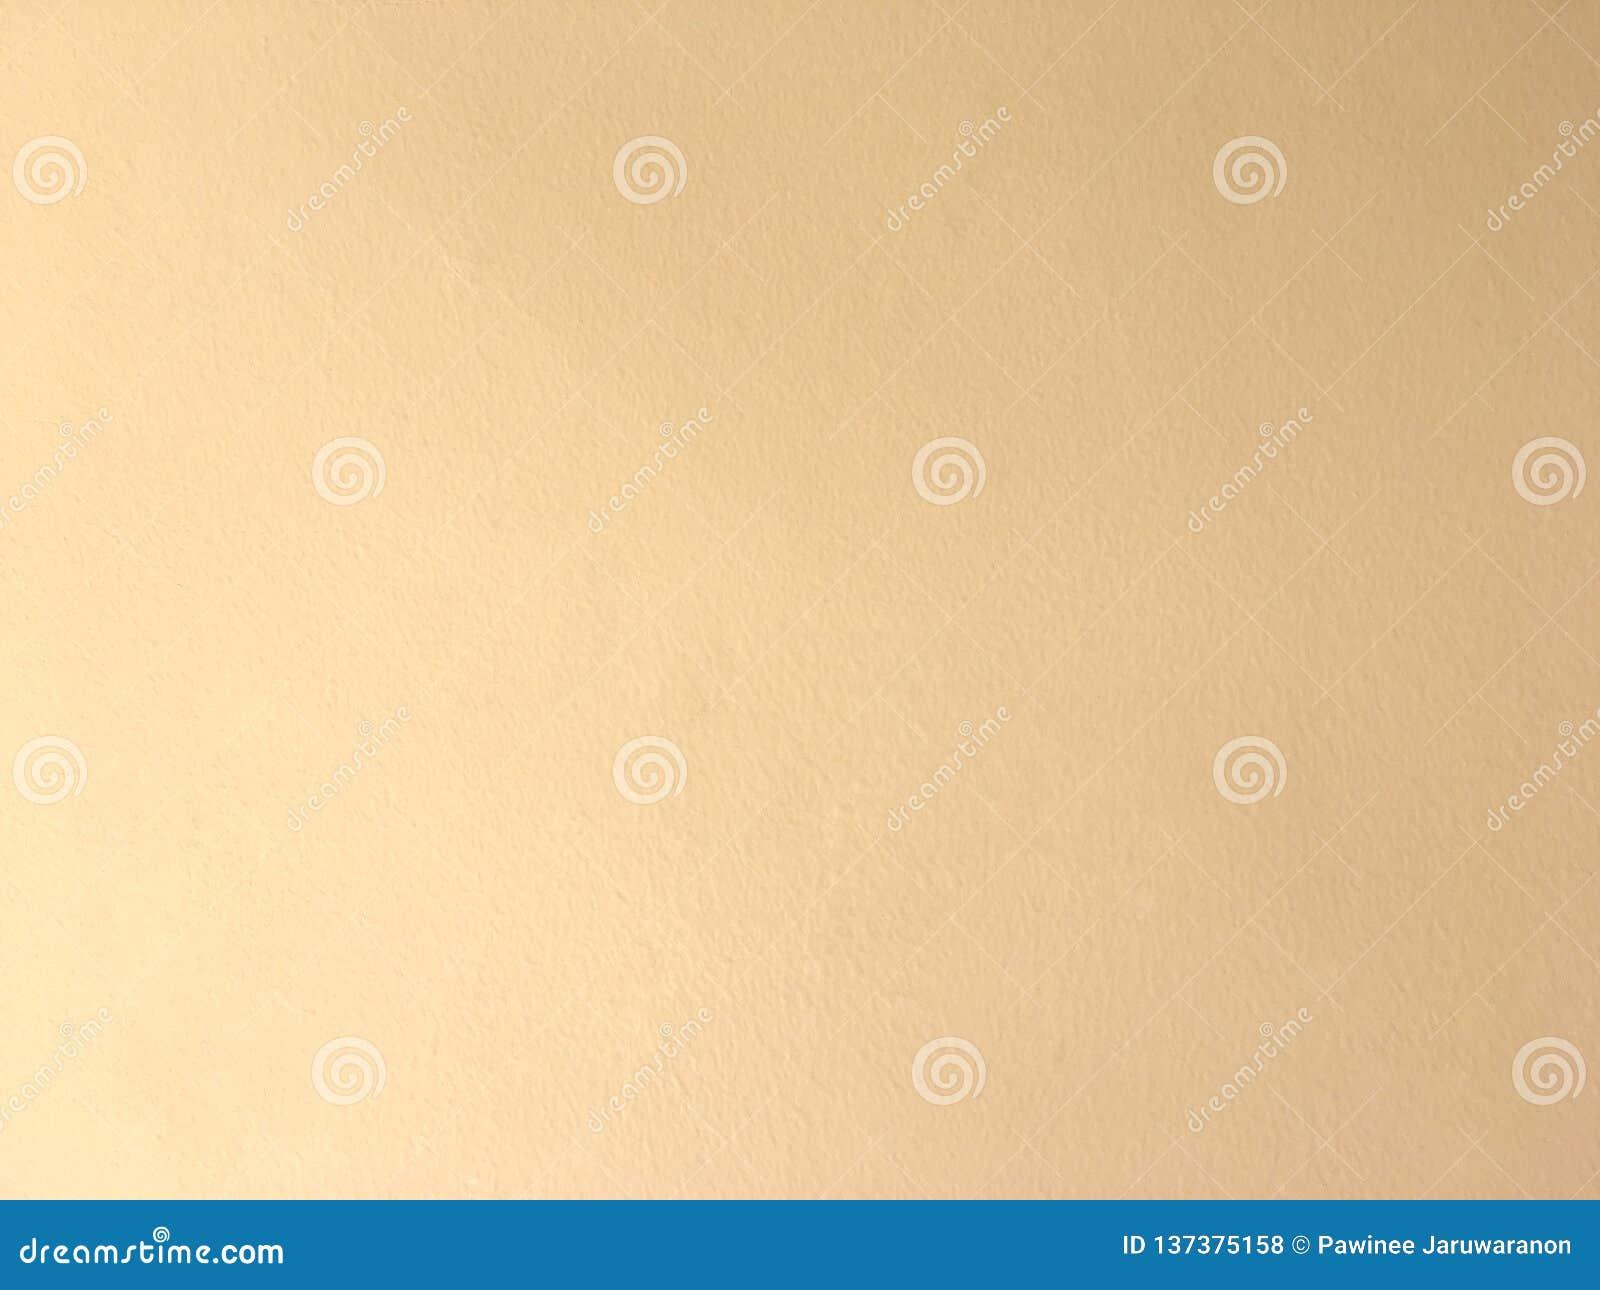 淡桔色的表面混凝土墙纹理 概略的样式背景